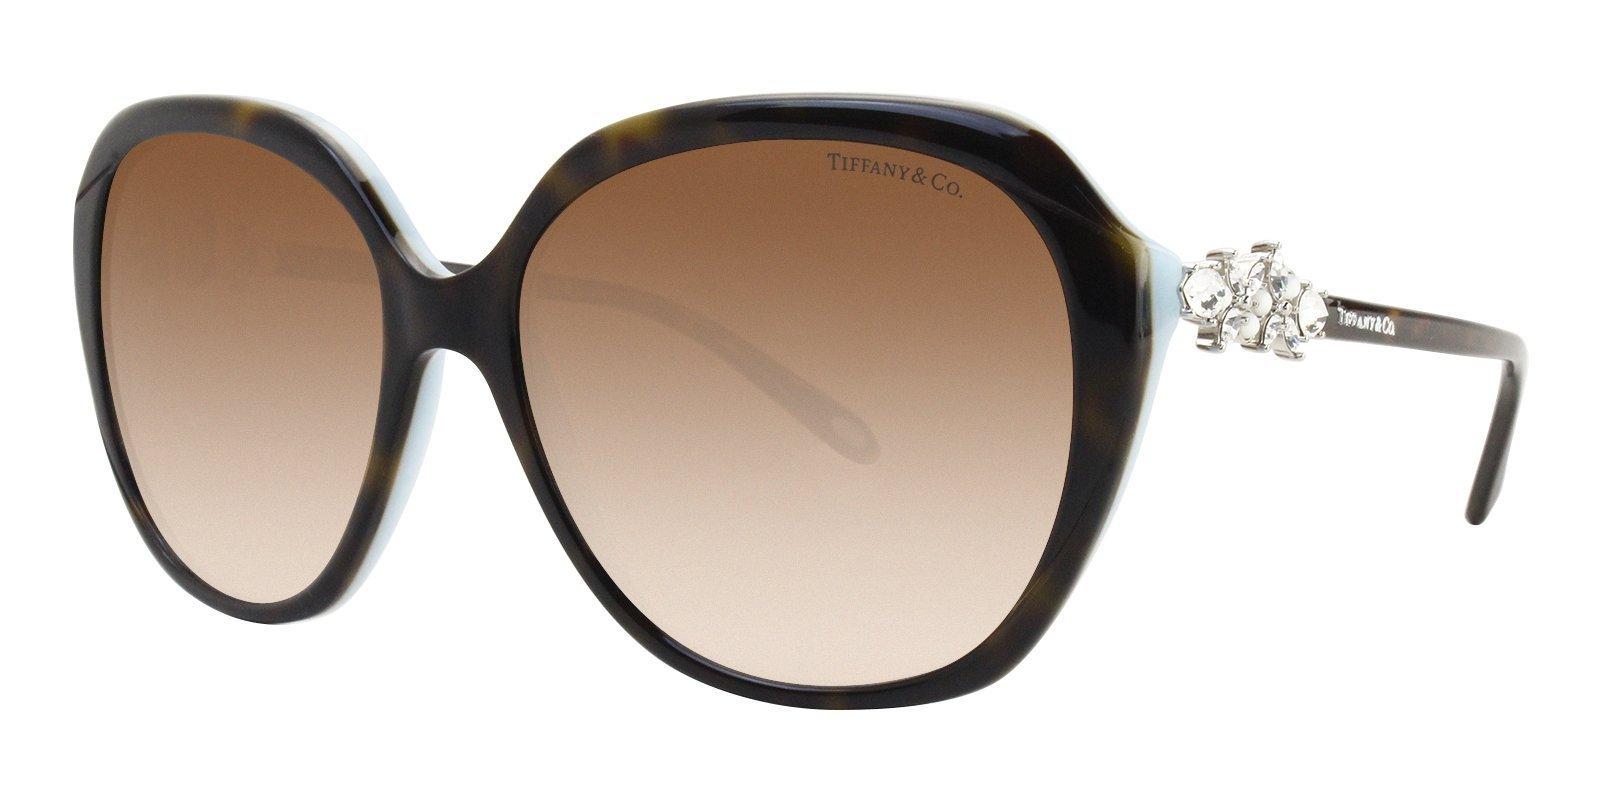 d718f1bcd82 Tiffany - TF4132-H-B Tortoise - Brown sunglasses